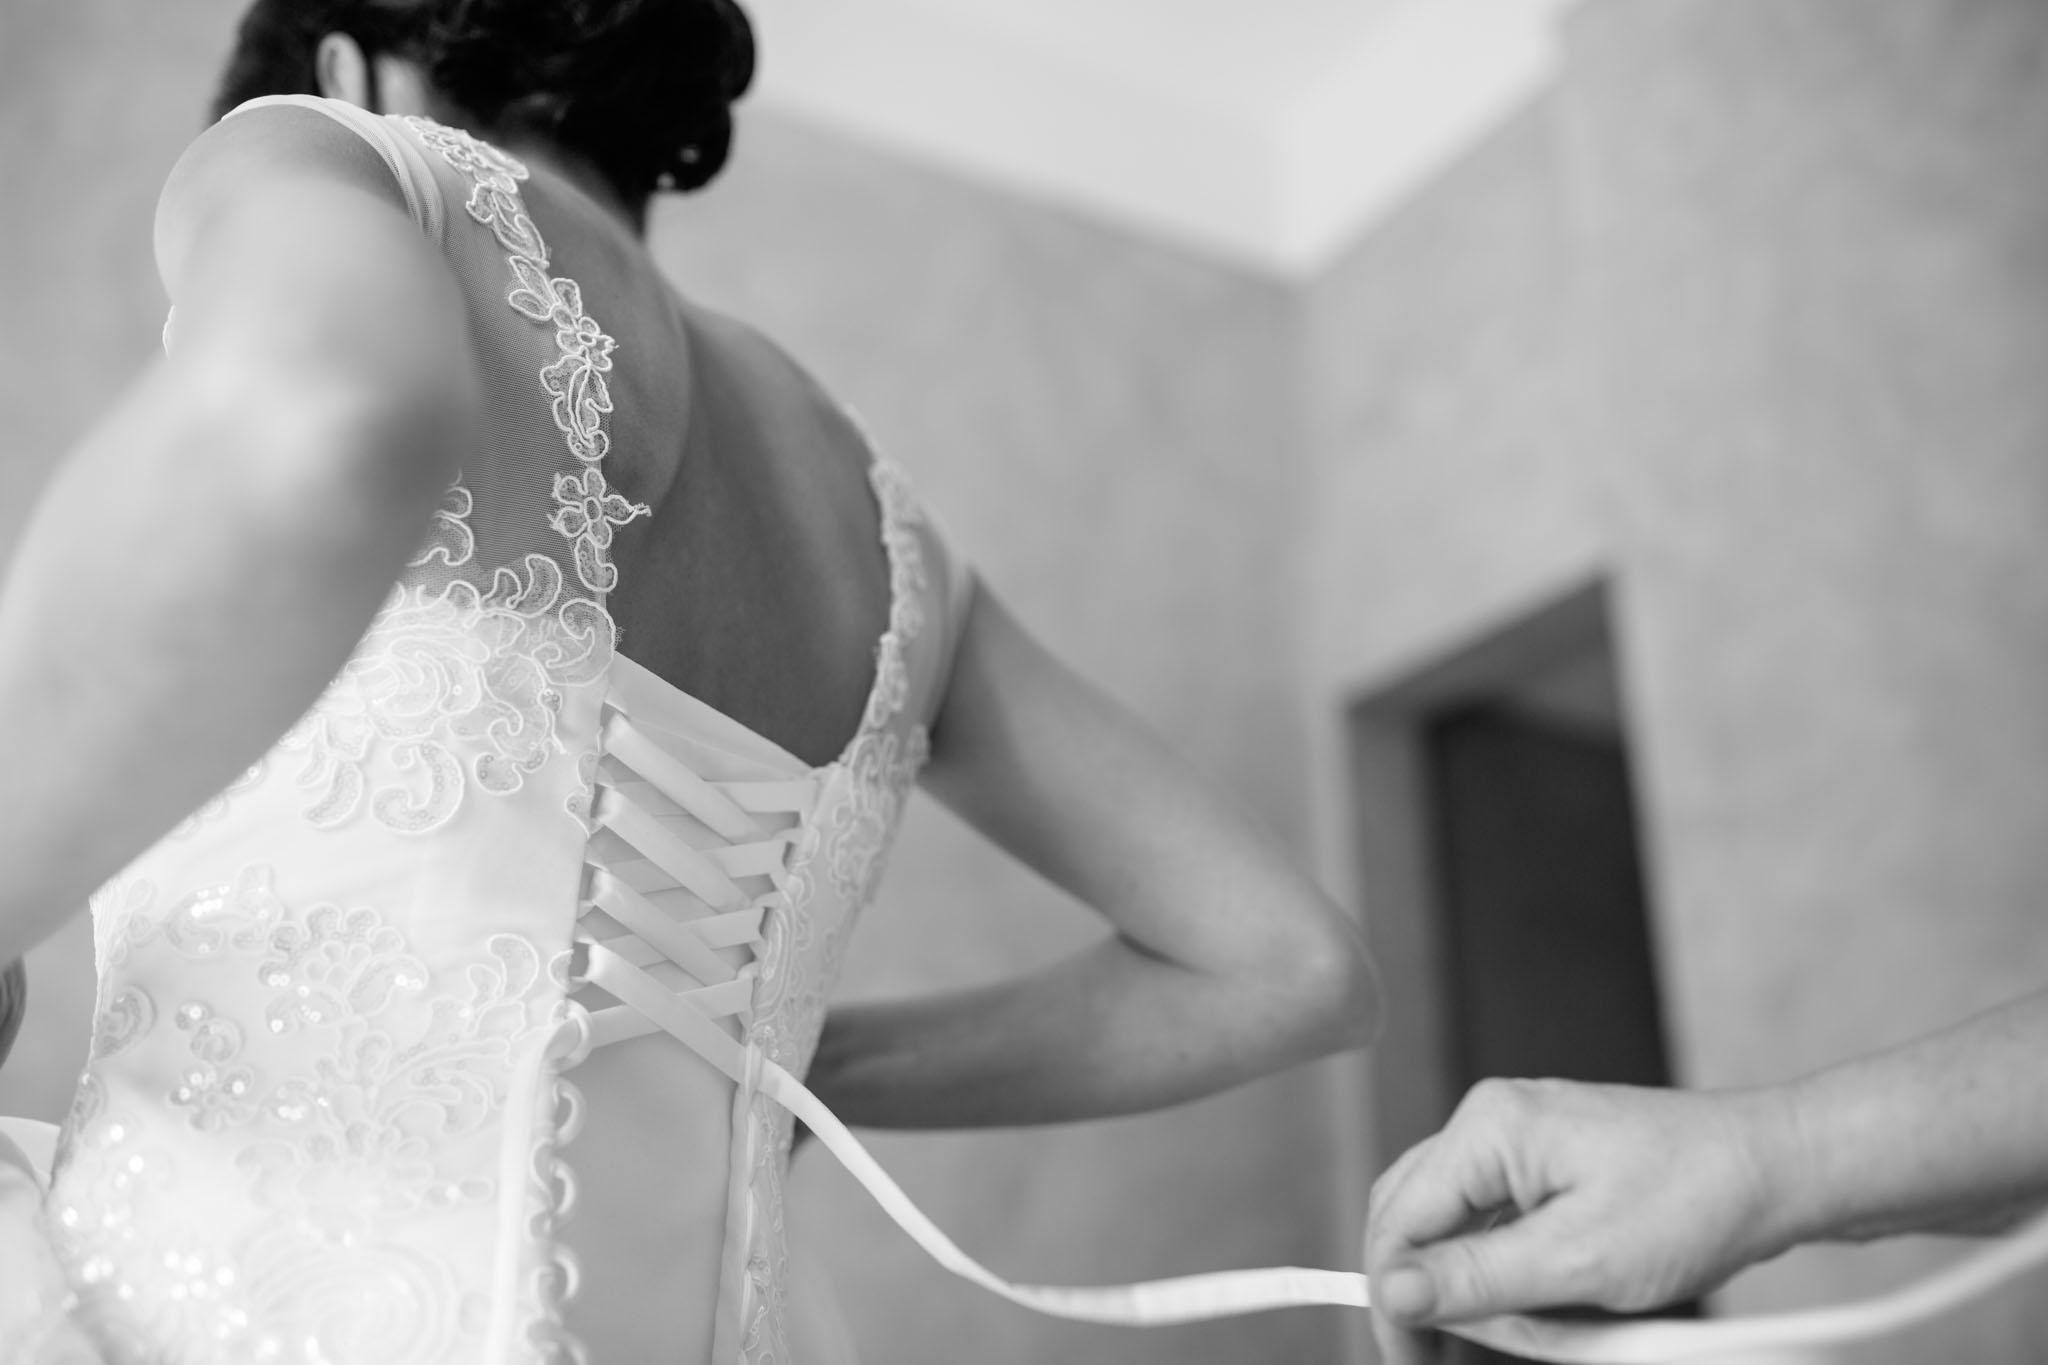 braut-hochzeitskleid-reportage-fotograf